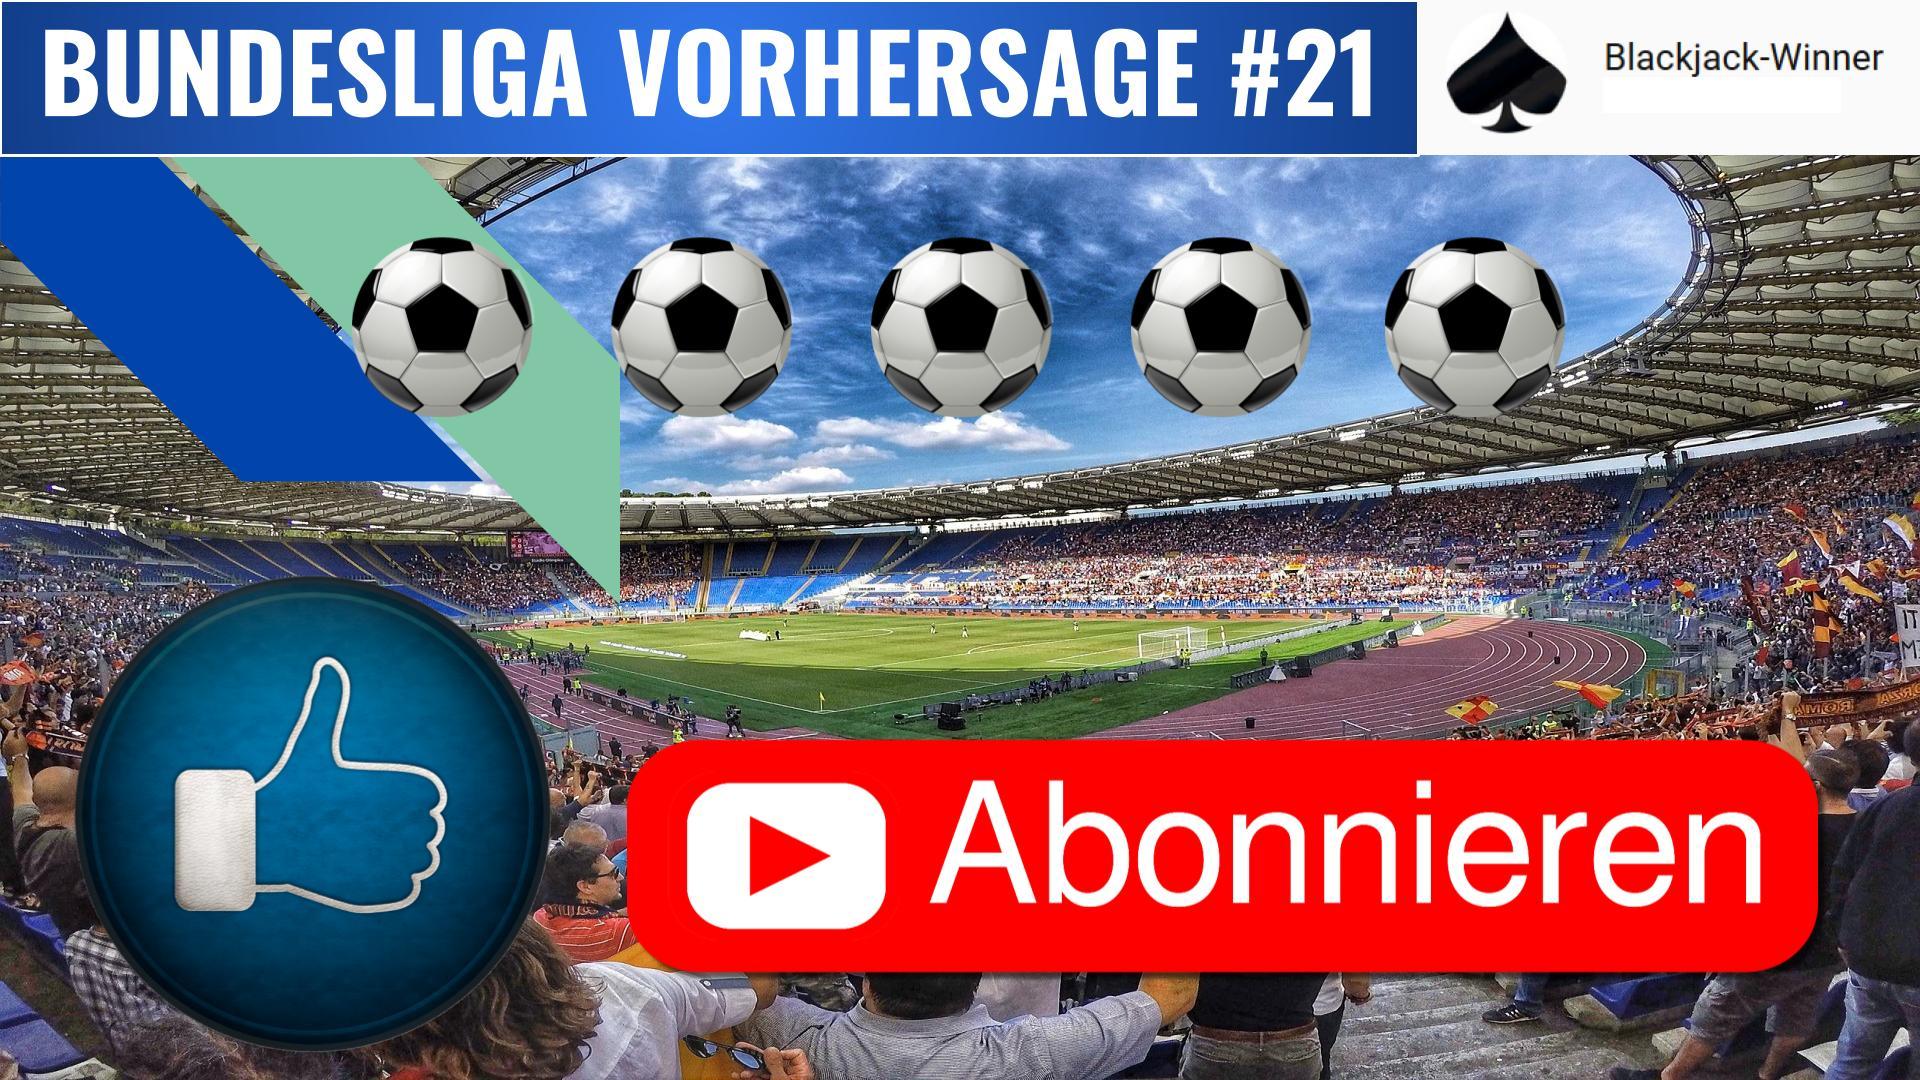 Bundesliga Vorhersage am 21. Spieltag